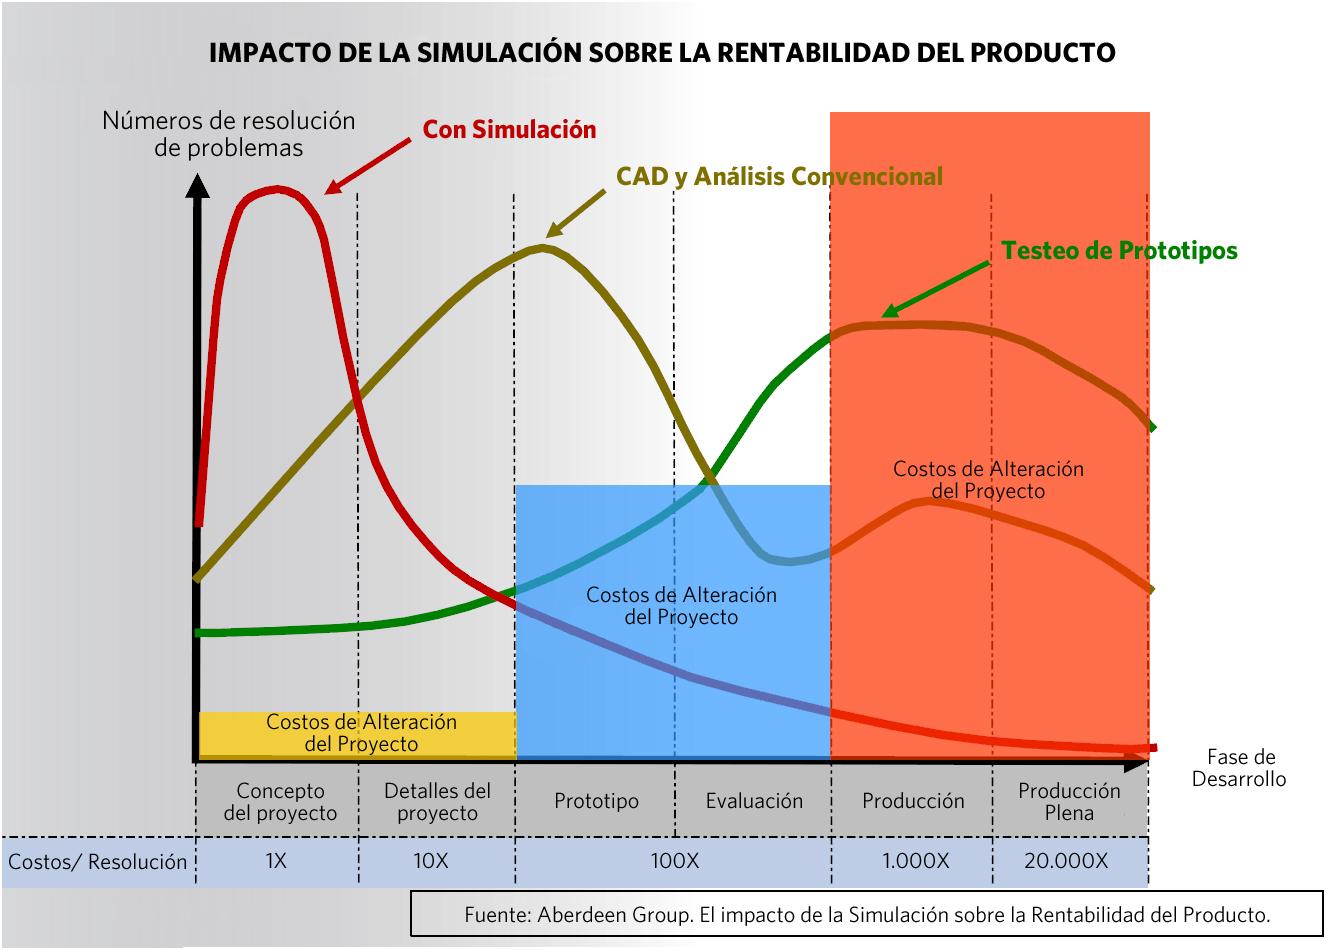 Impacto de la Simulación sobre la Rentabilidad del Producto